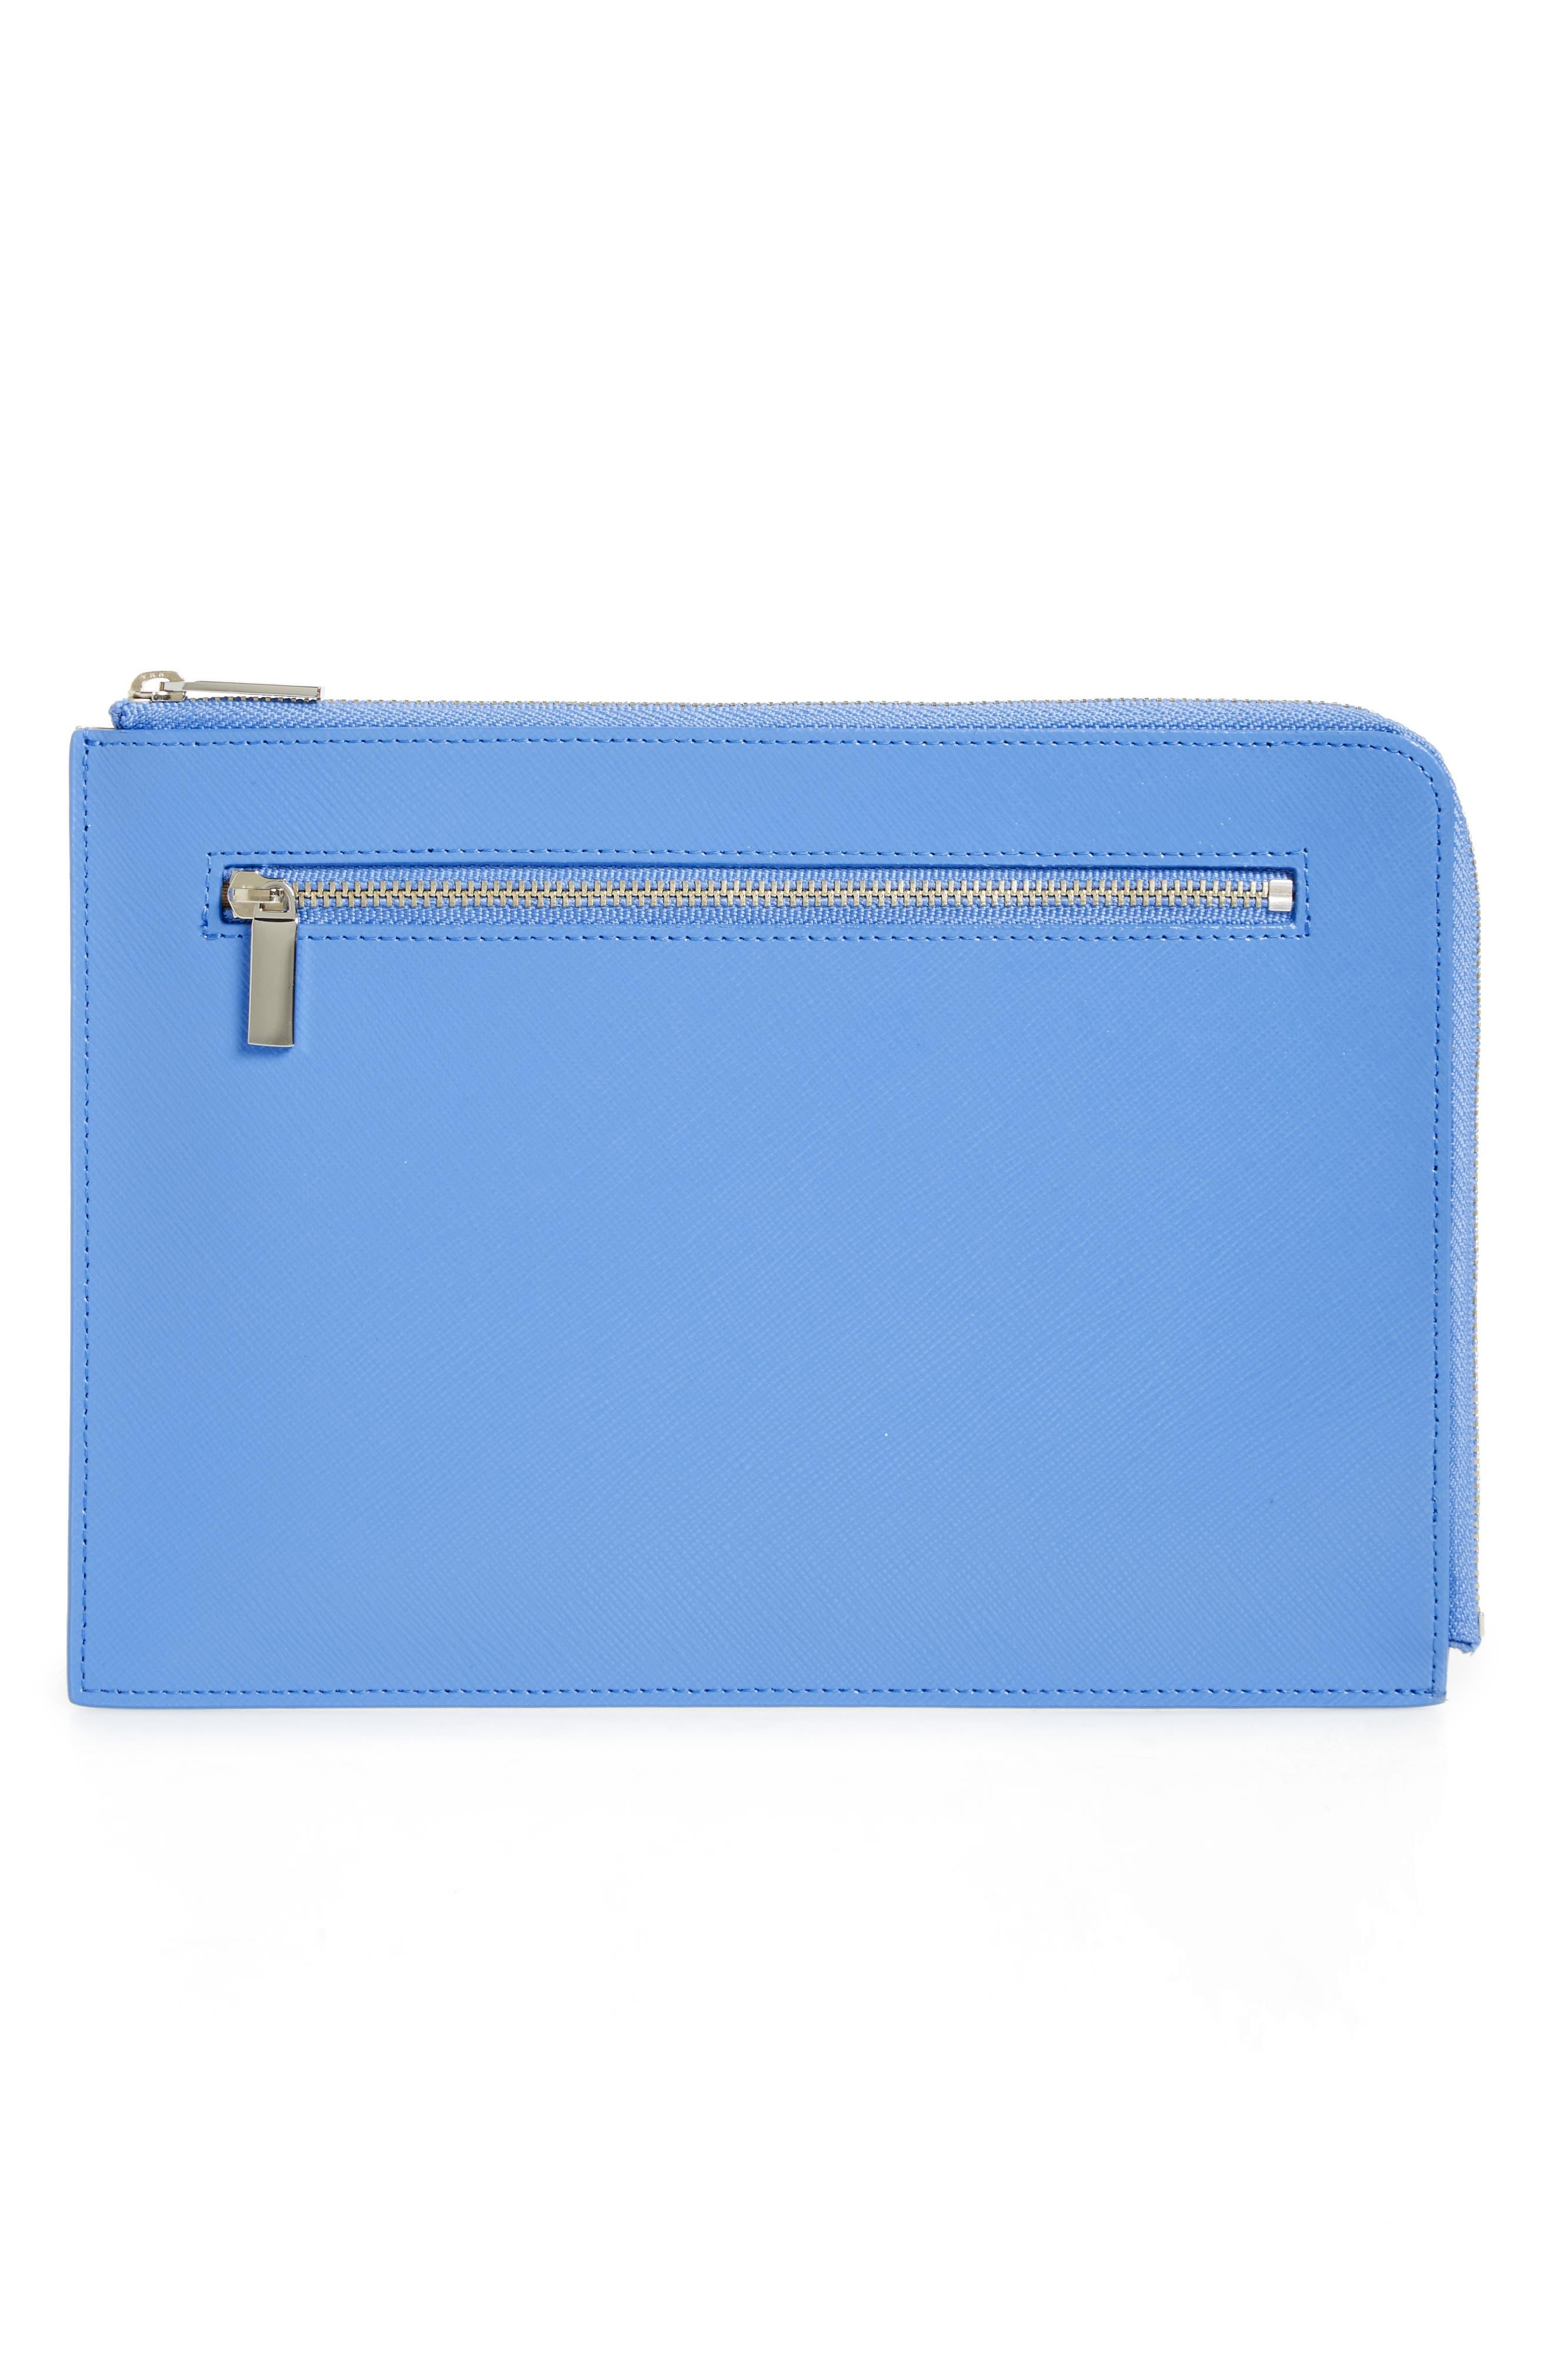 Leather Zip Pouch,                             Main thumbnail 1, color,                             Blue Regatta